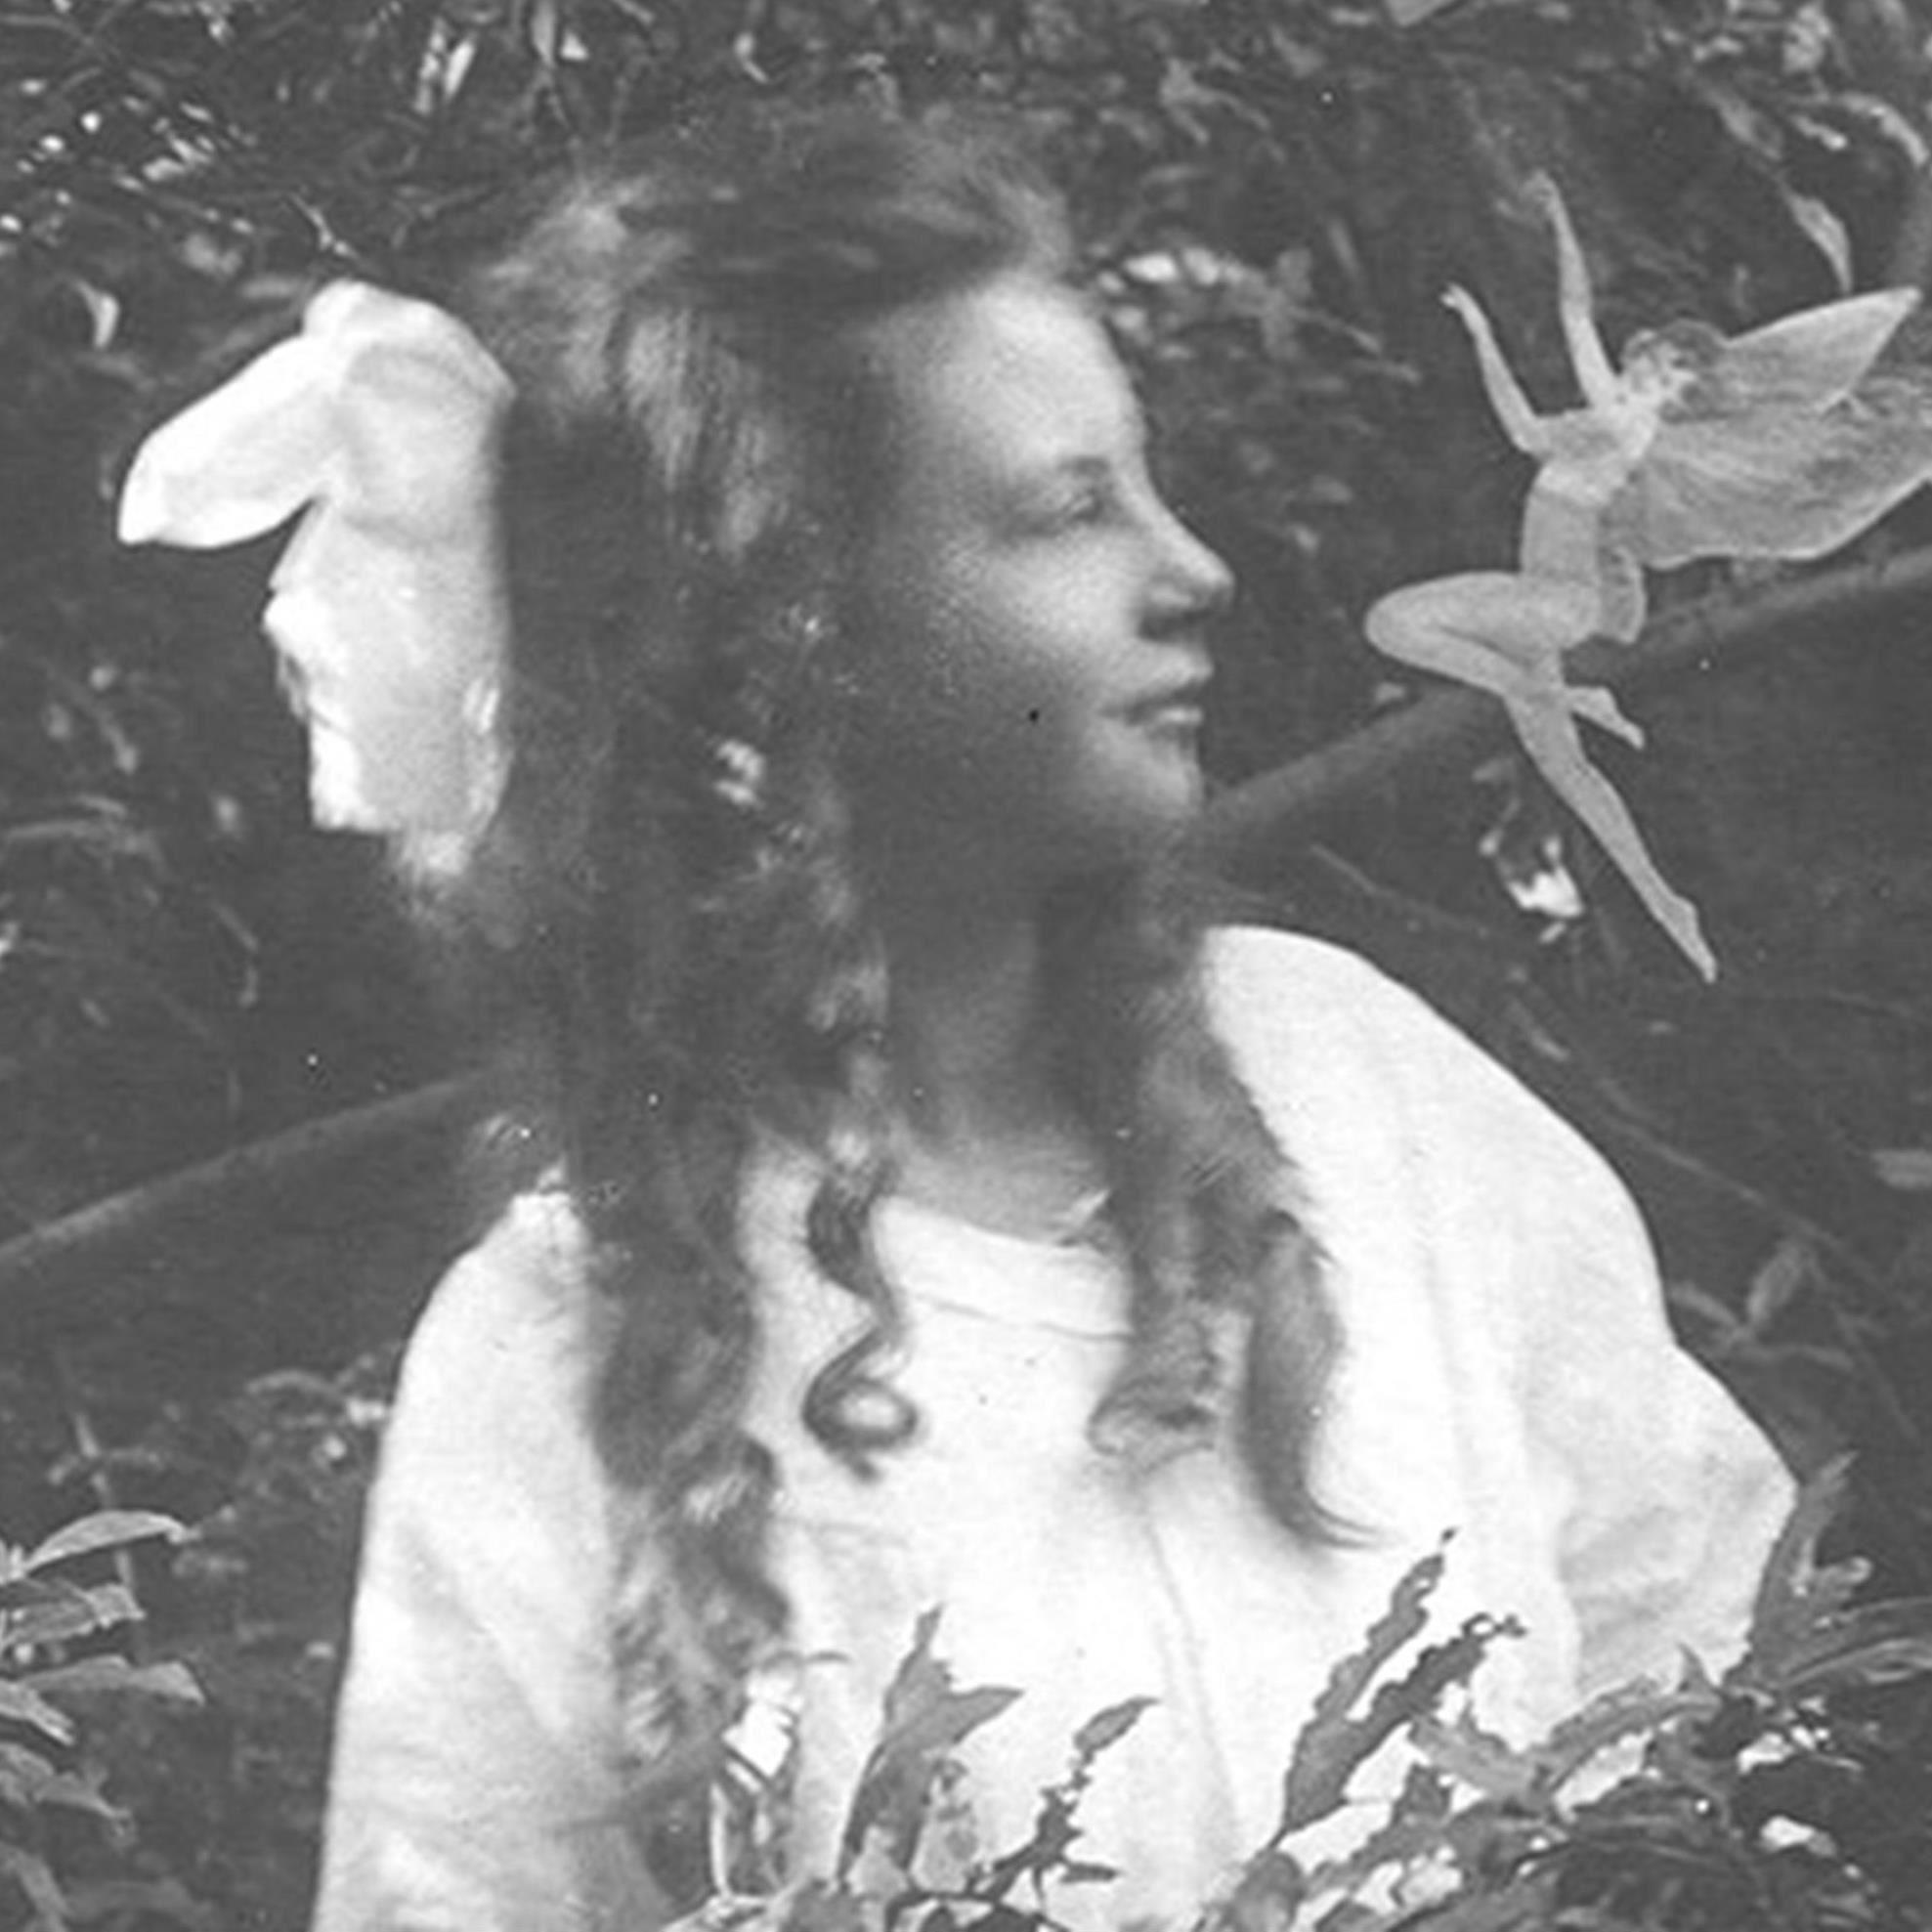 Sommeromvisning i Museum Obscurum - tema feer og ønsket om det overnaturlige